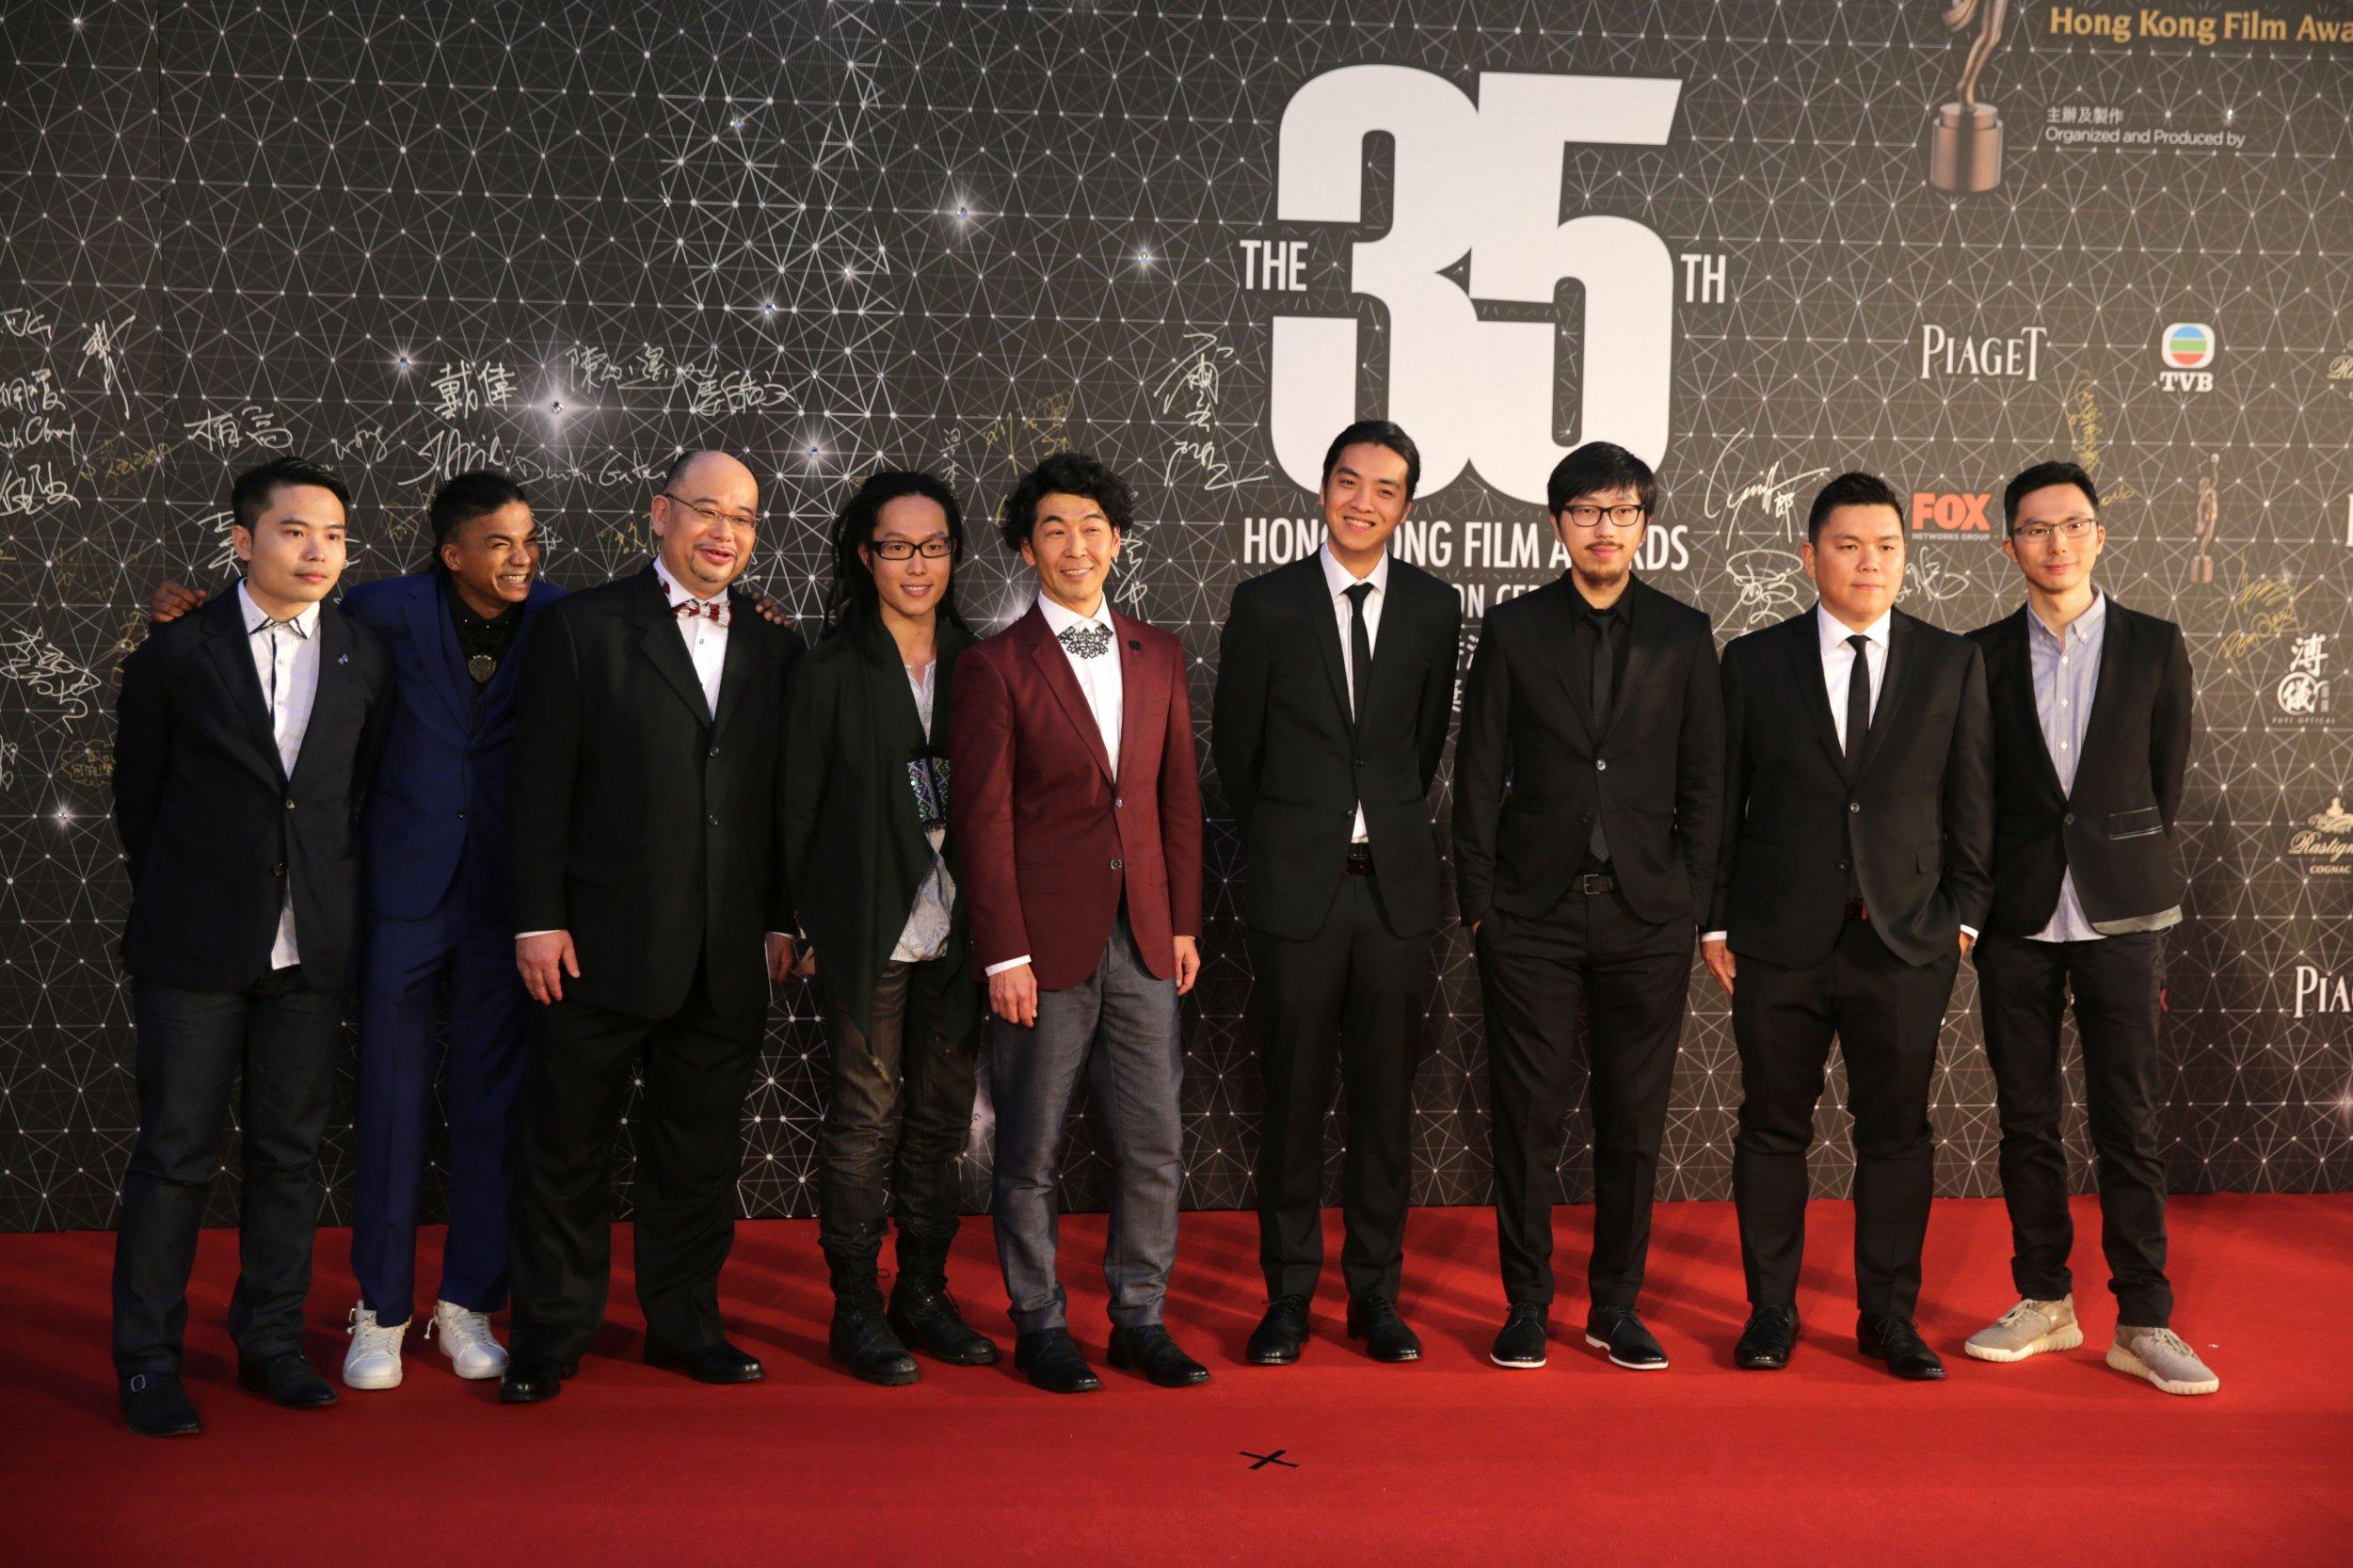 Ten Years cast at Hong Kong Film Awards